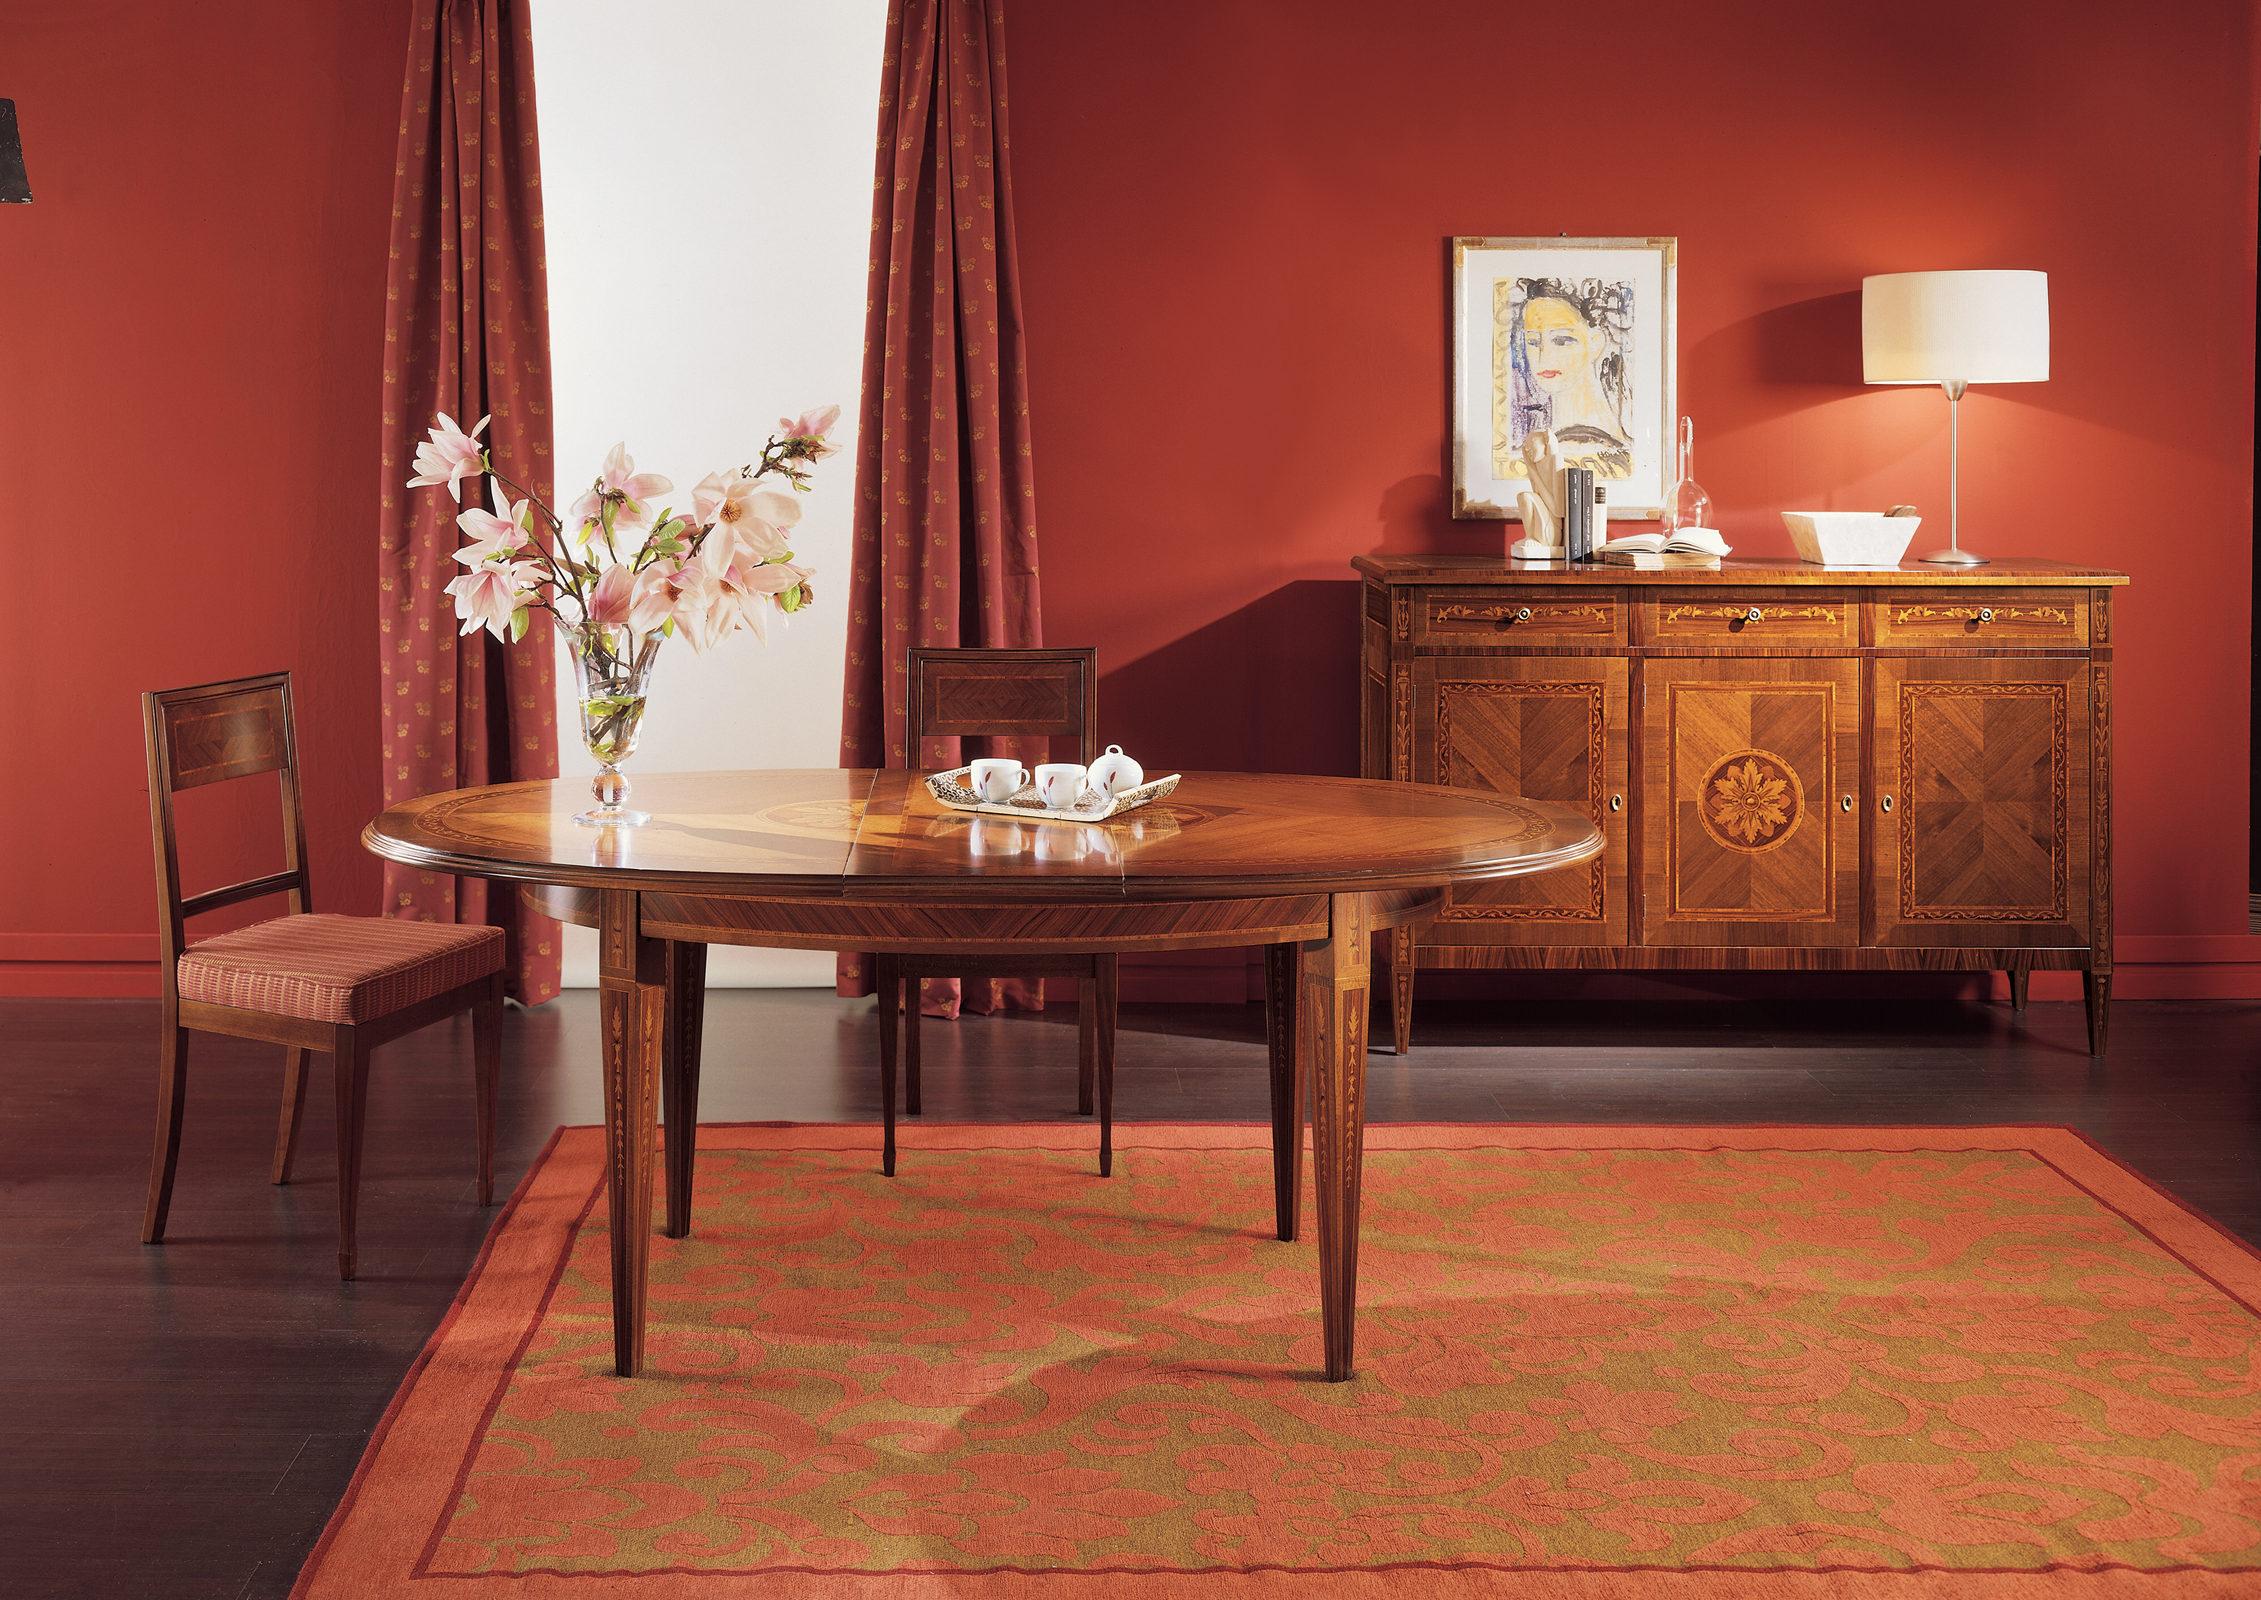 Sala da pranzo con tavolo e credenza intarsiati